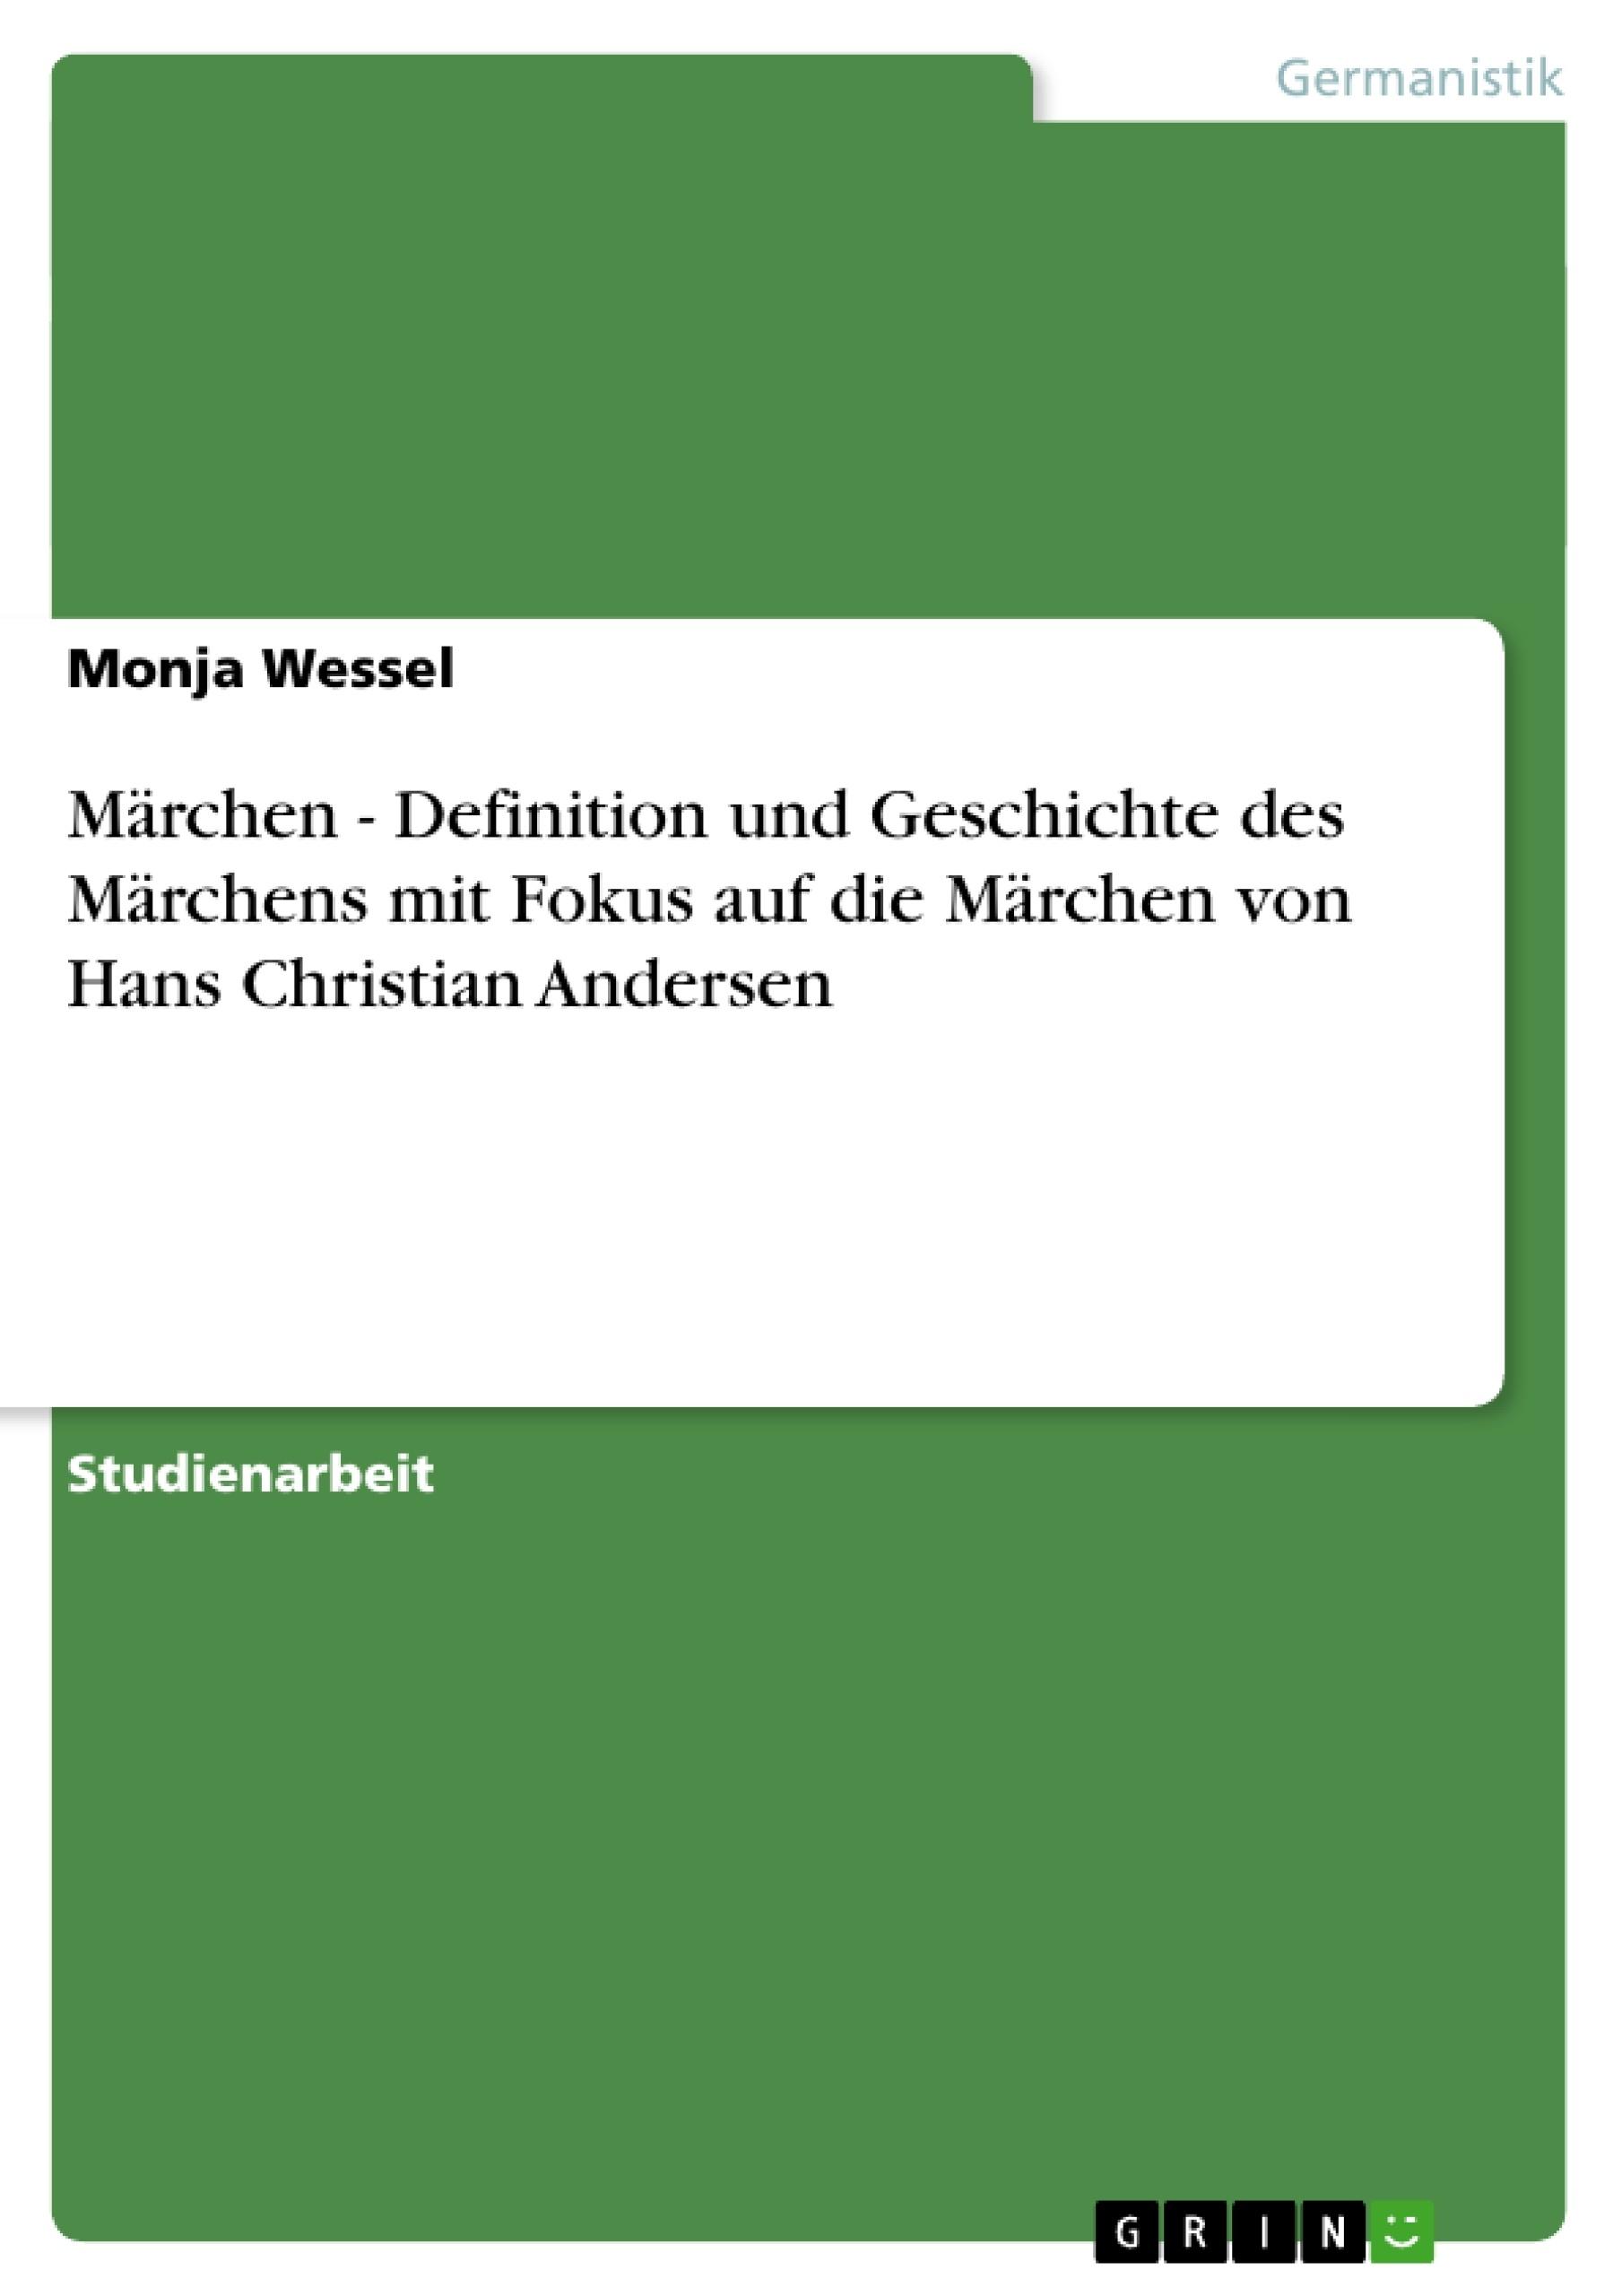 Titel: Märchen - Definition und Geschichte des Märchens mit Fokus auf die Märchen von  Hans Christian Andersen